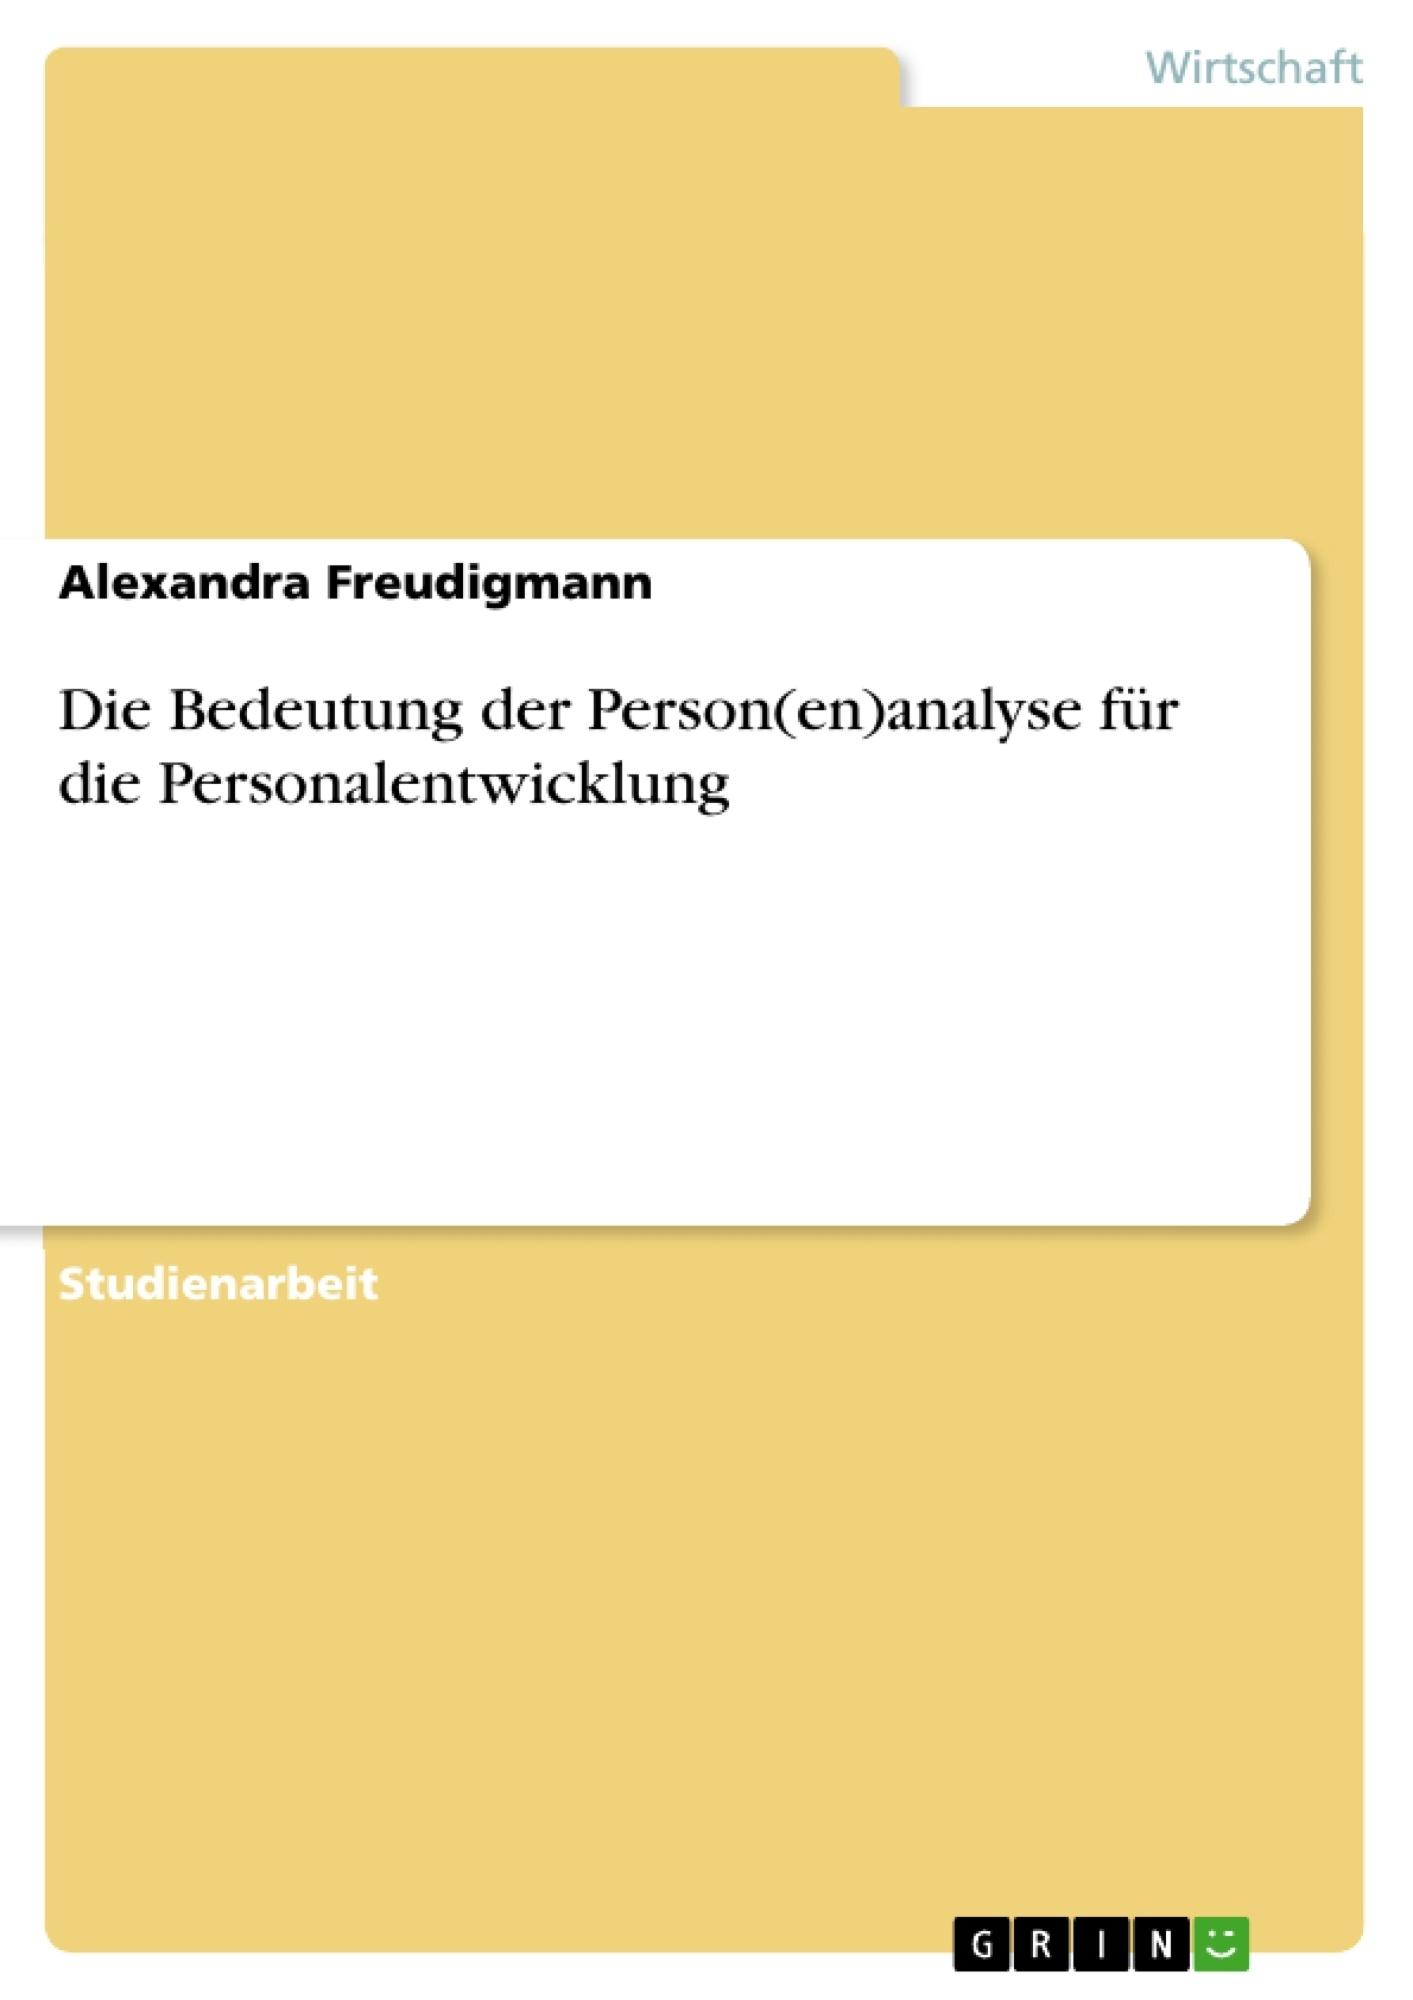 Titel: Die Bedeutung der Person(en)analyse für die Personalentwicklung